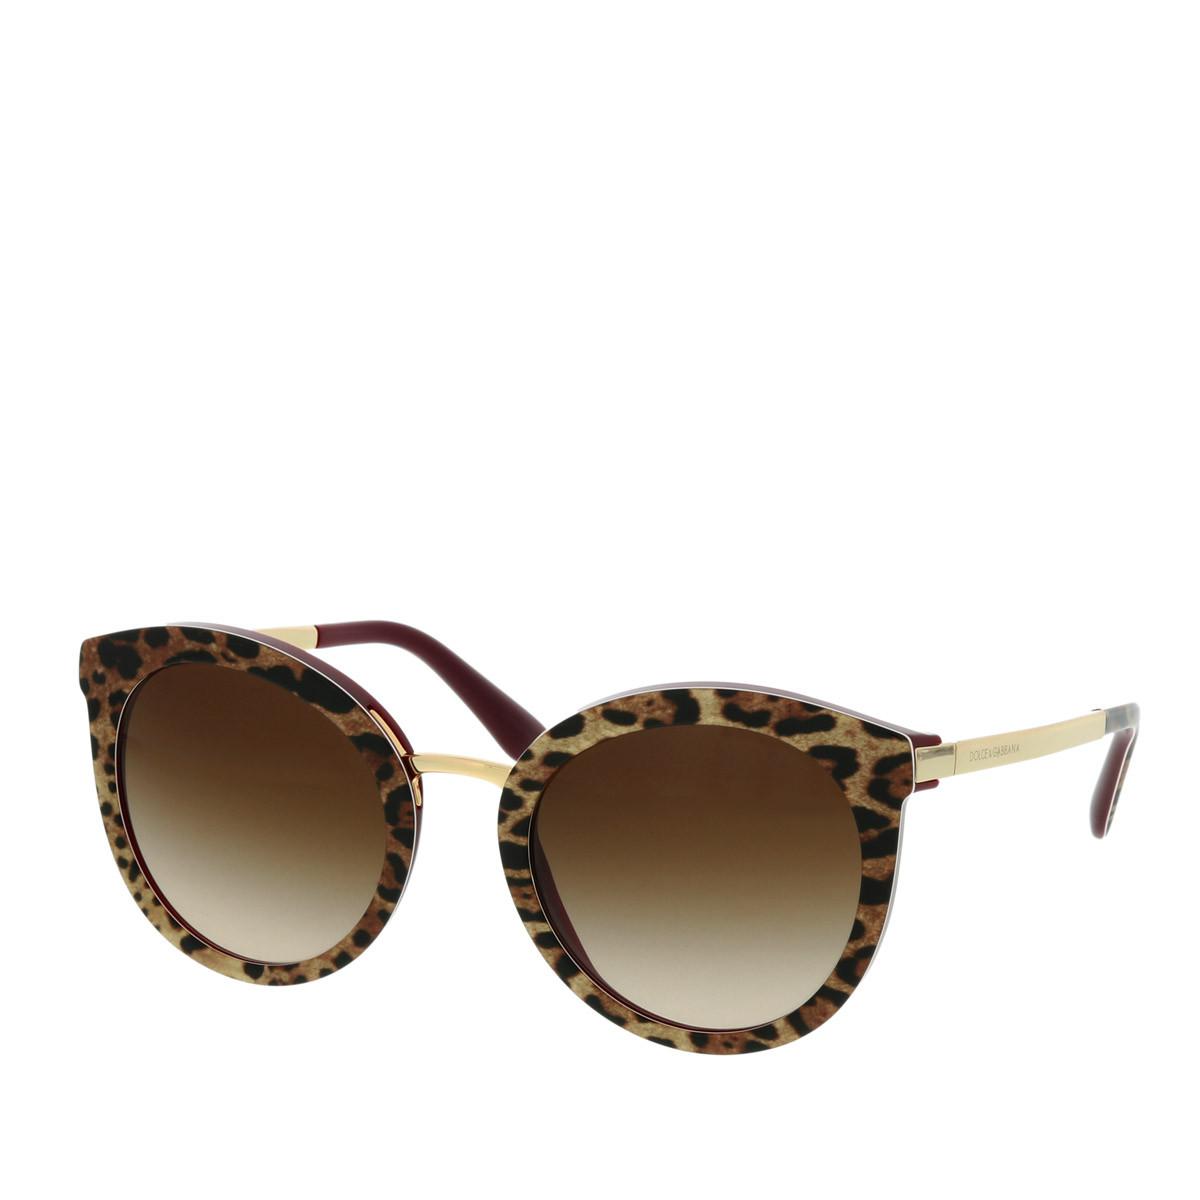 Dolce&Gabbana Sonnenbrille - DG 0DG4268 52 315513 - in braun - für Damen